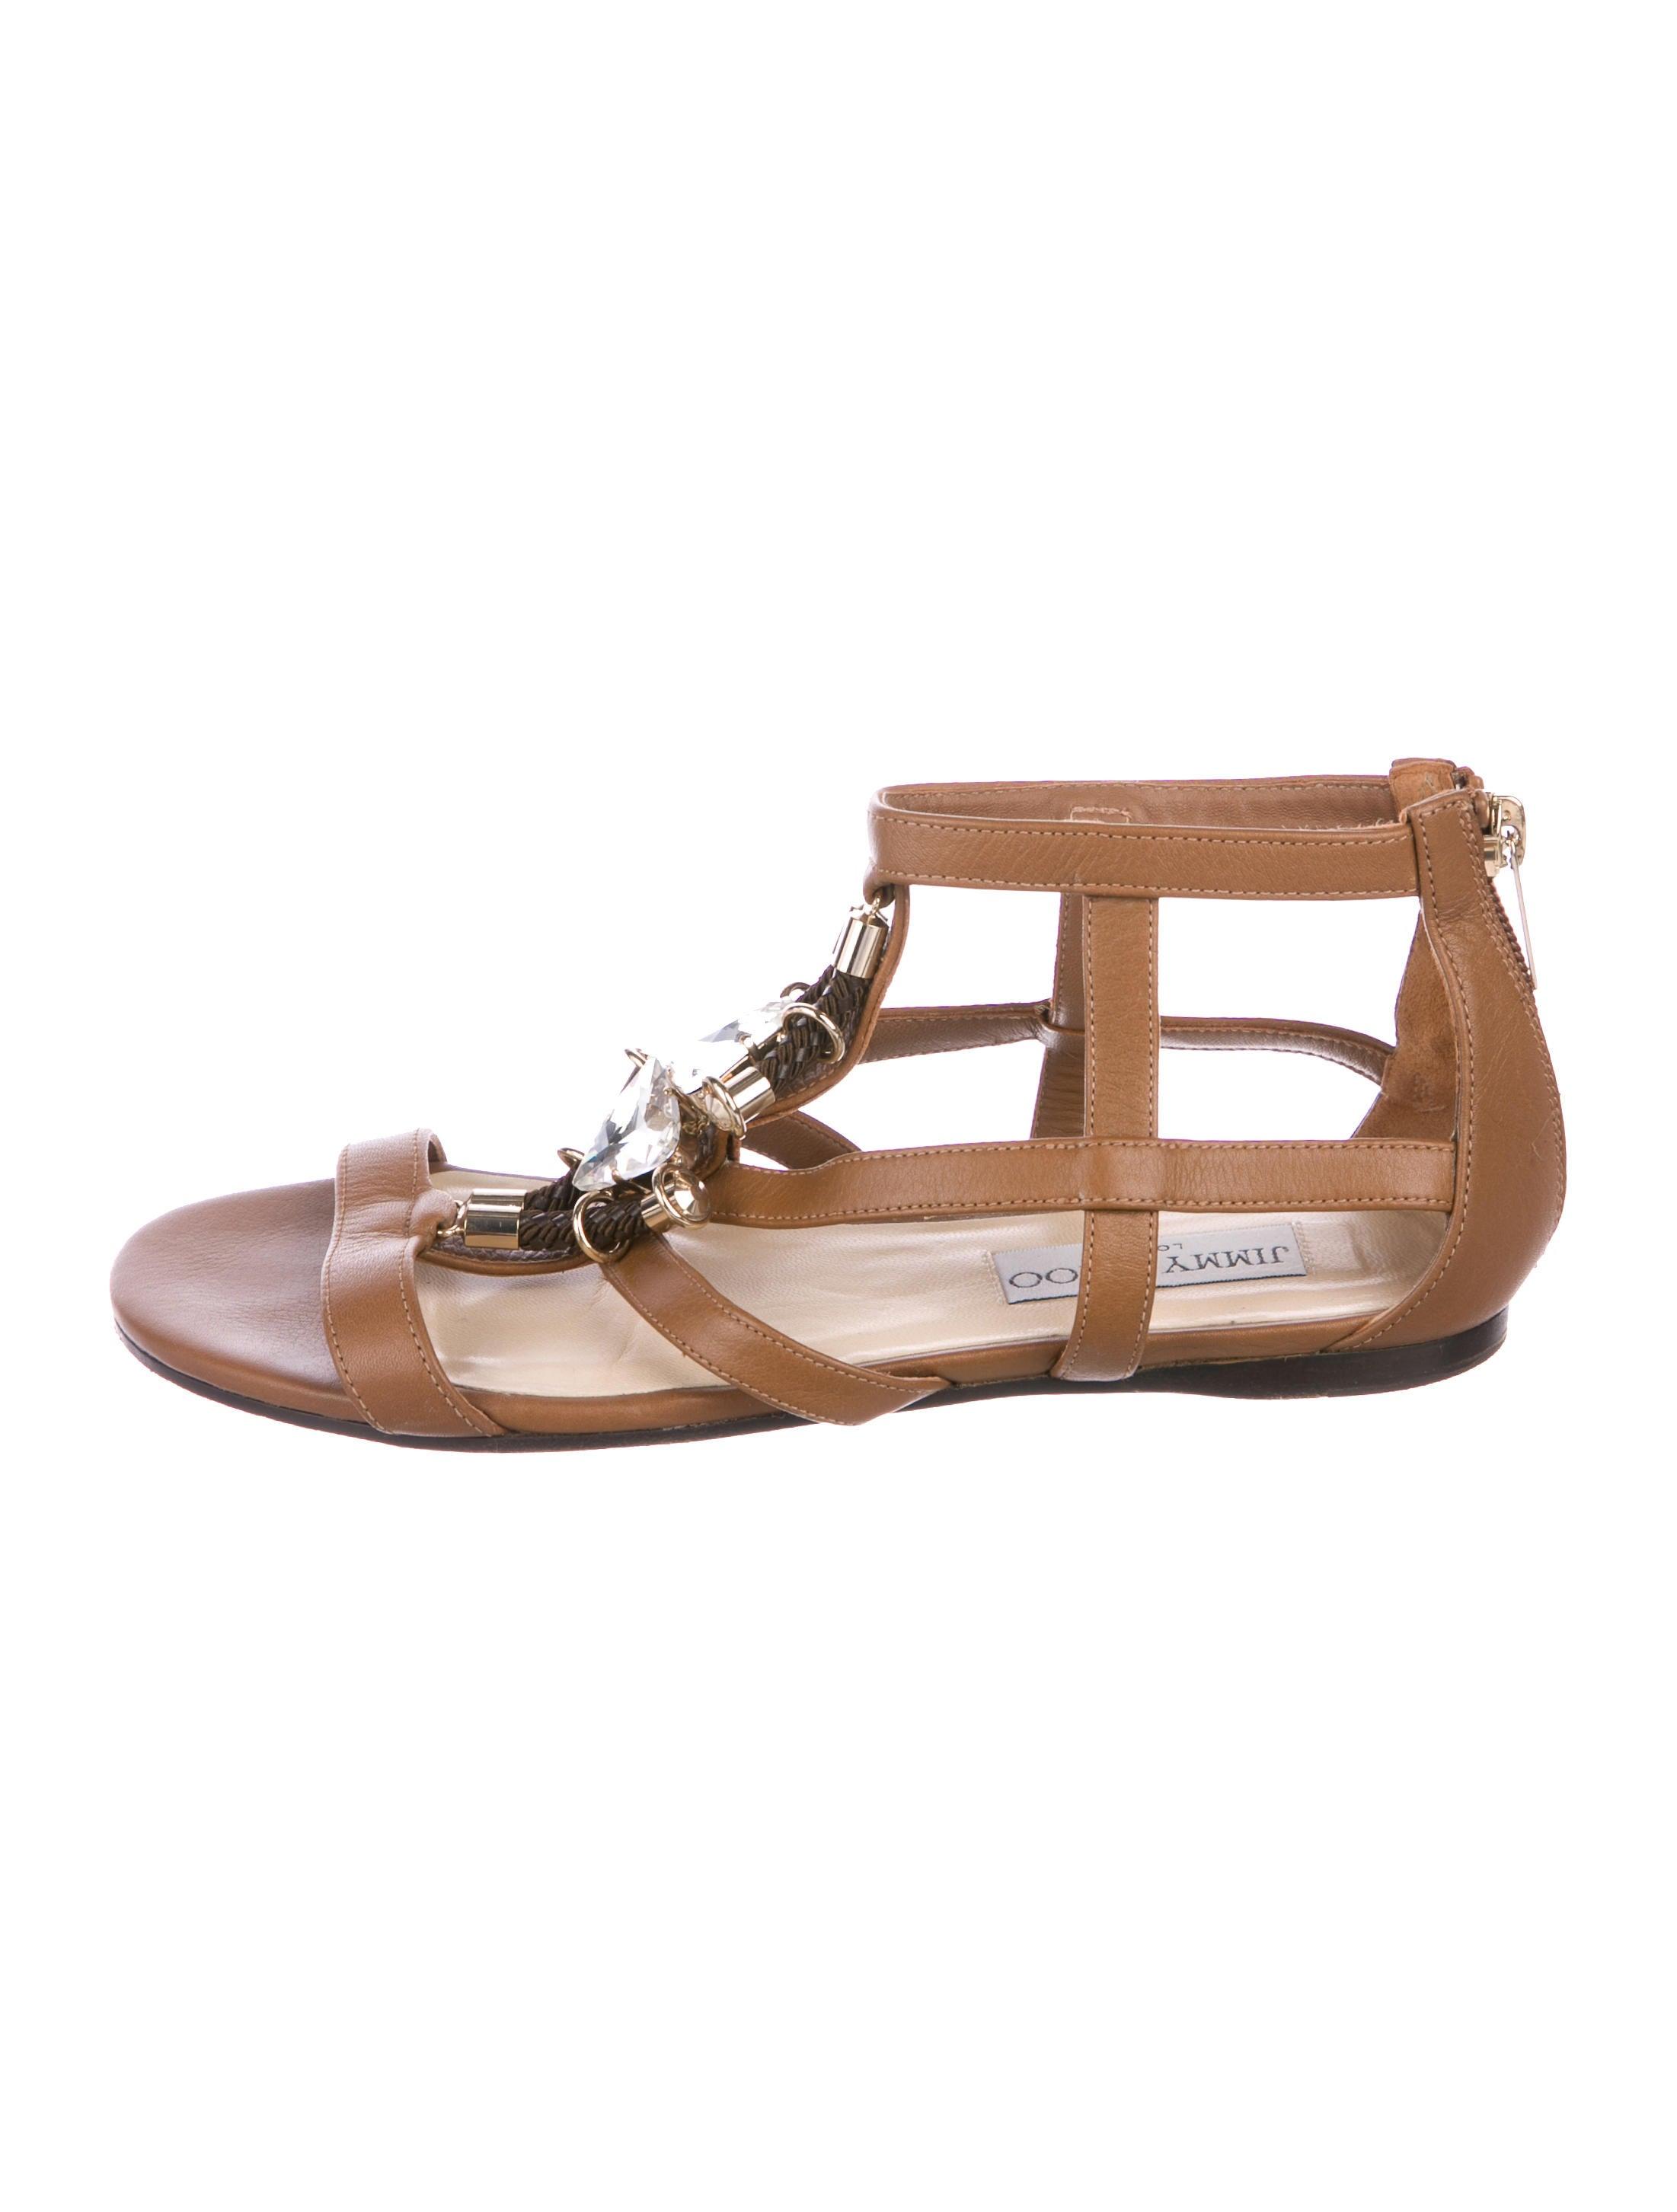 fa5af0eca1ddde Jimmy Choo Embellished Leather Sandals - Shoes - JIM95949